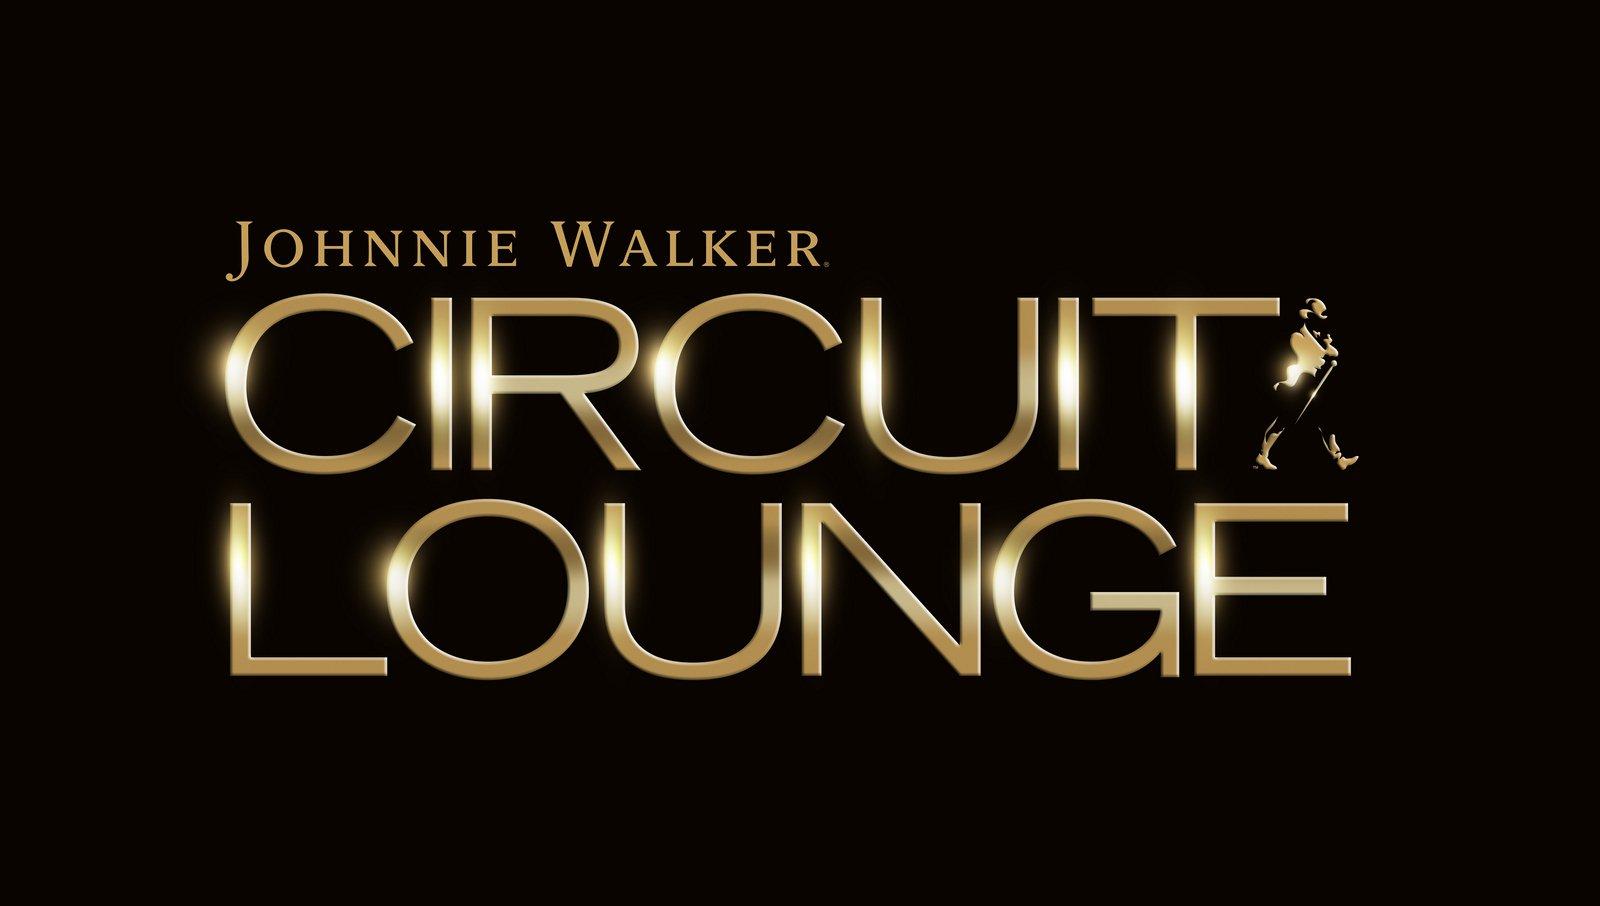 johnnie walker u00ae circuit lounge